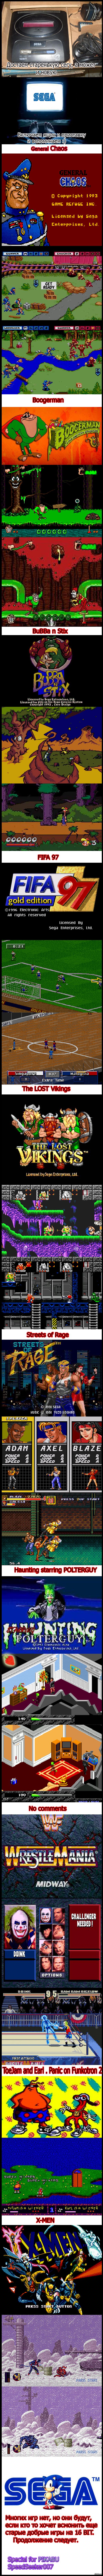 """Назад в 90-е. Sega Mega Drive 2. Лучшее. Глава II. Игры на 16 BIT'ных. Продолжение. Начало <a href=""""http://pikabu.ru/story/nazad_v_90e_mega_drive_2_luchshee_1853997"""">http://pikabu.ru/story/_1853997</a>"""